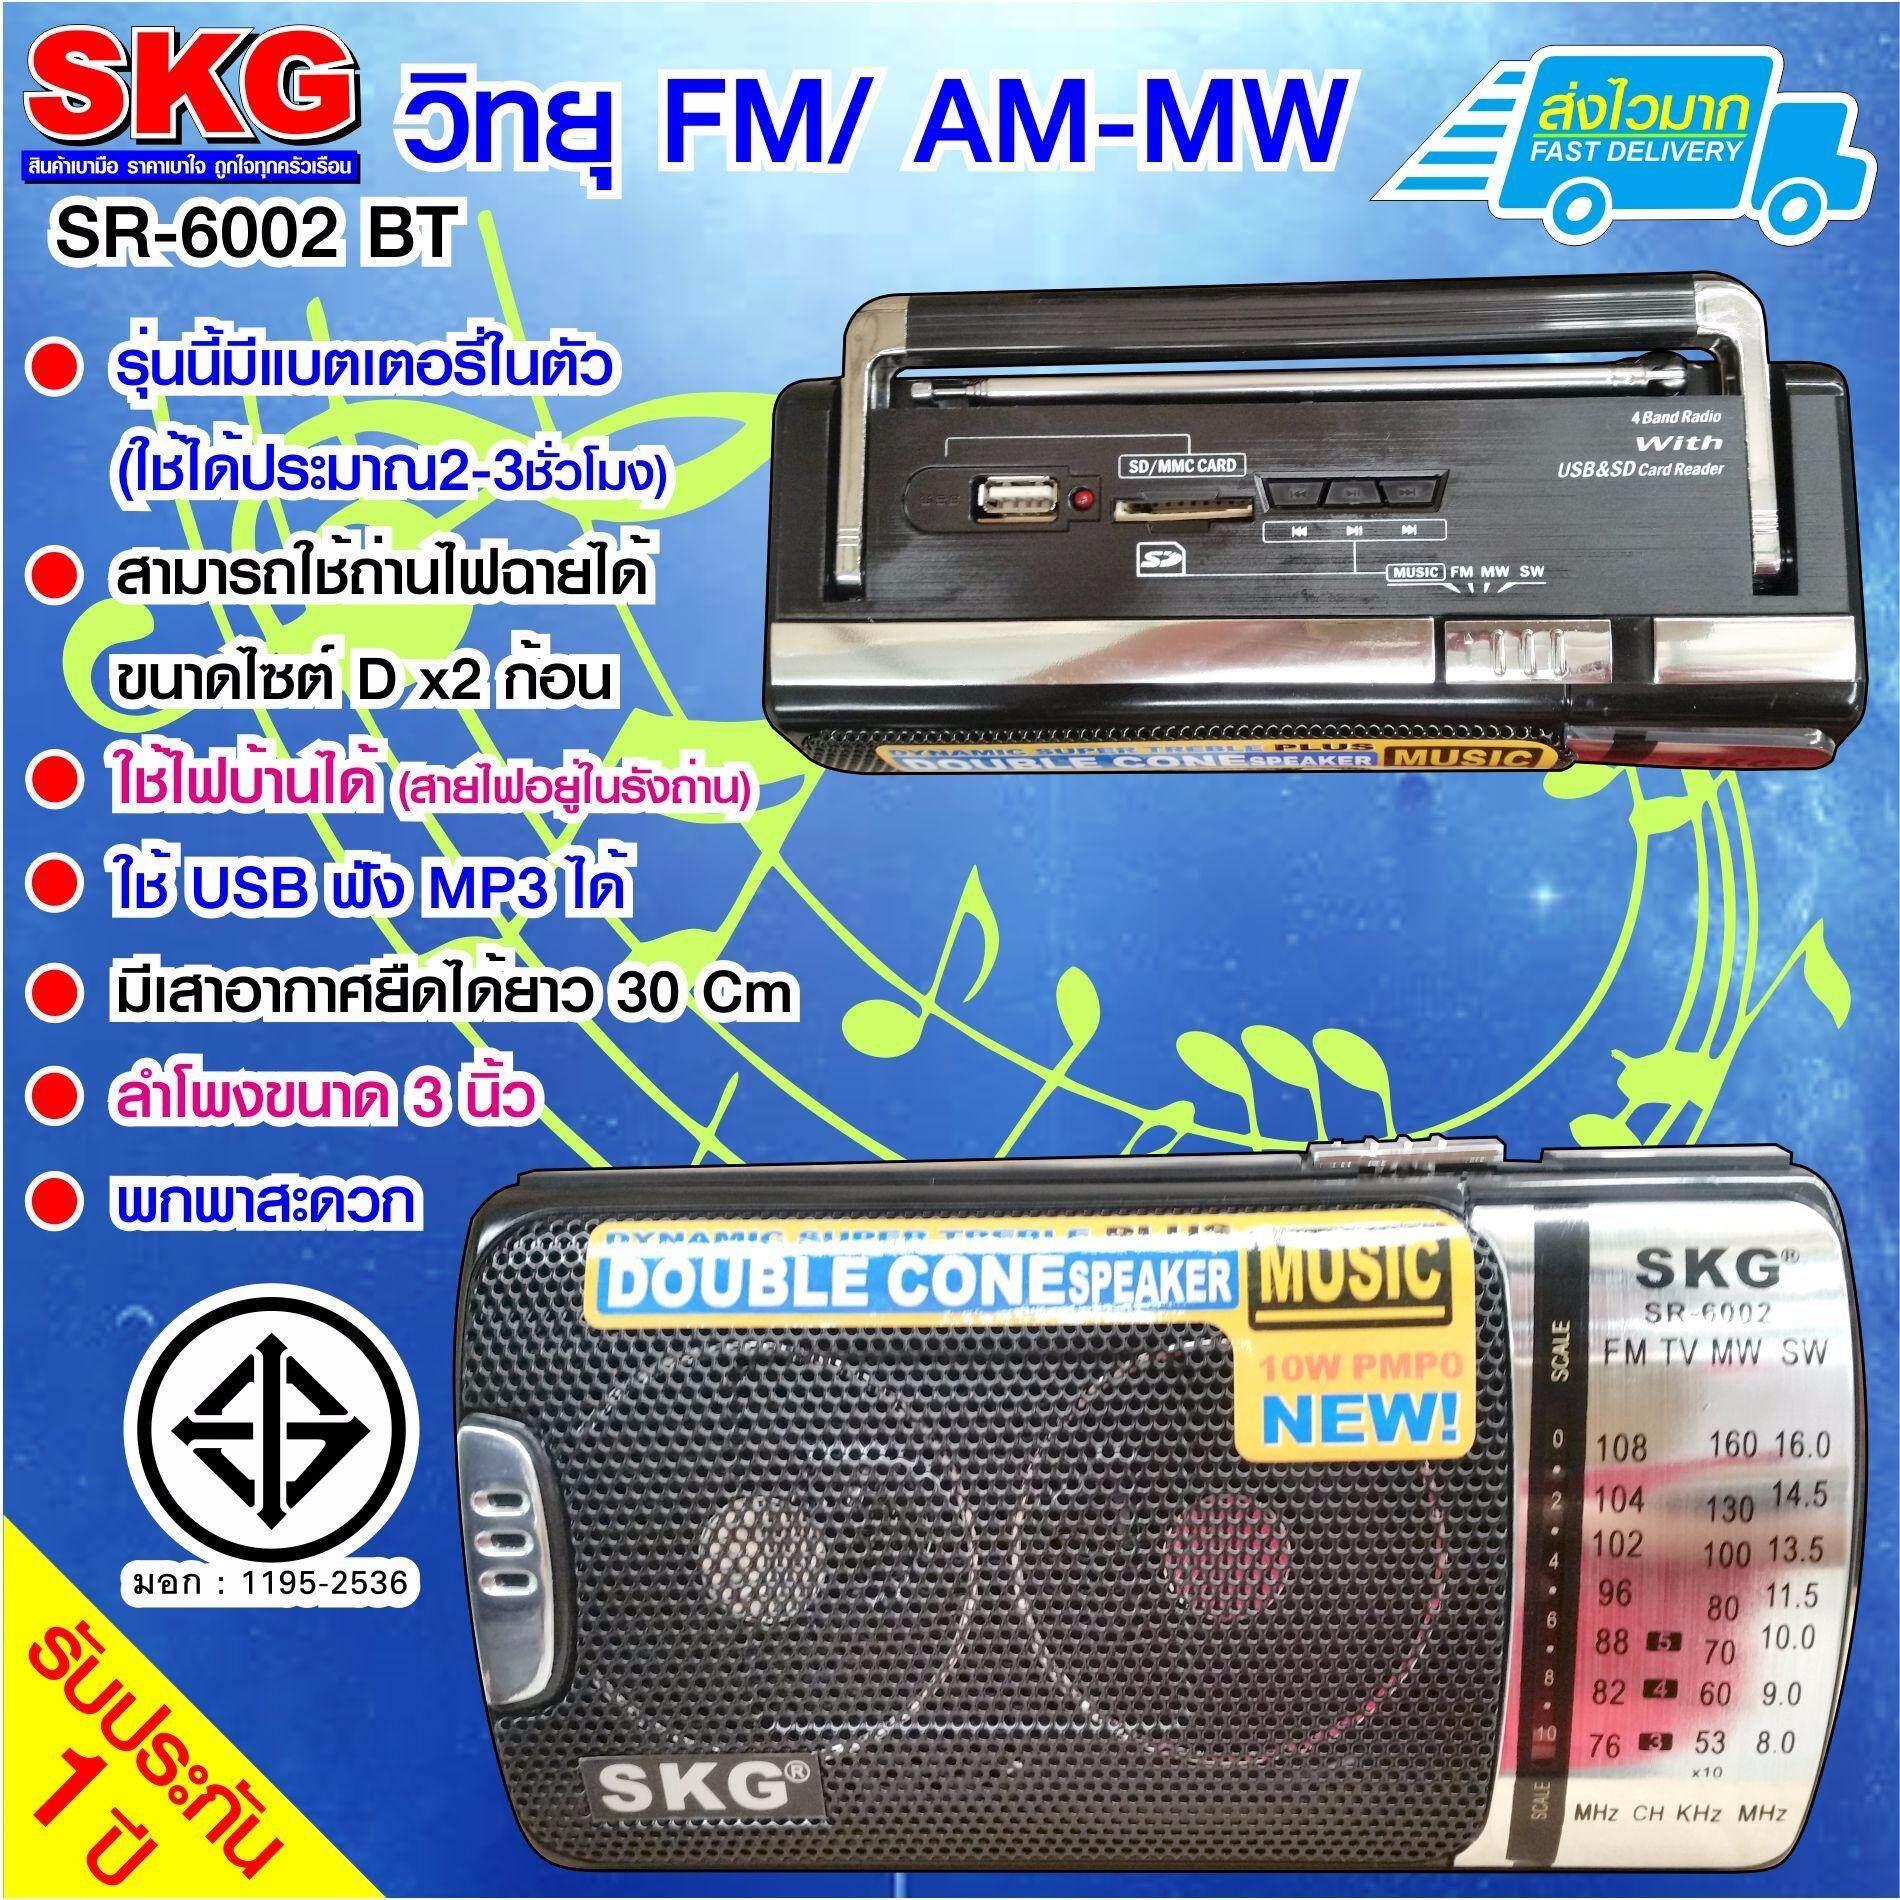 ซื้อ Skg วิทยุ รุ่น Sr 6002 Bt สีดำ Skg เป็นต้นฉบับ